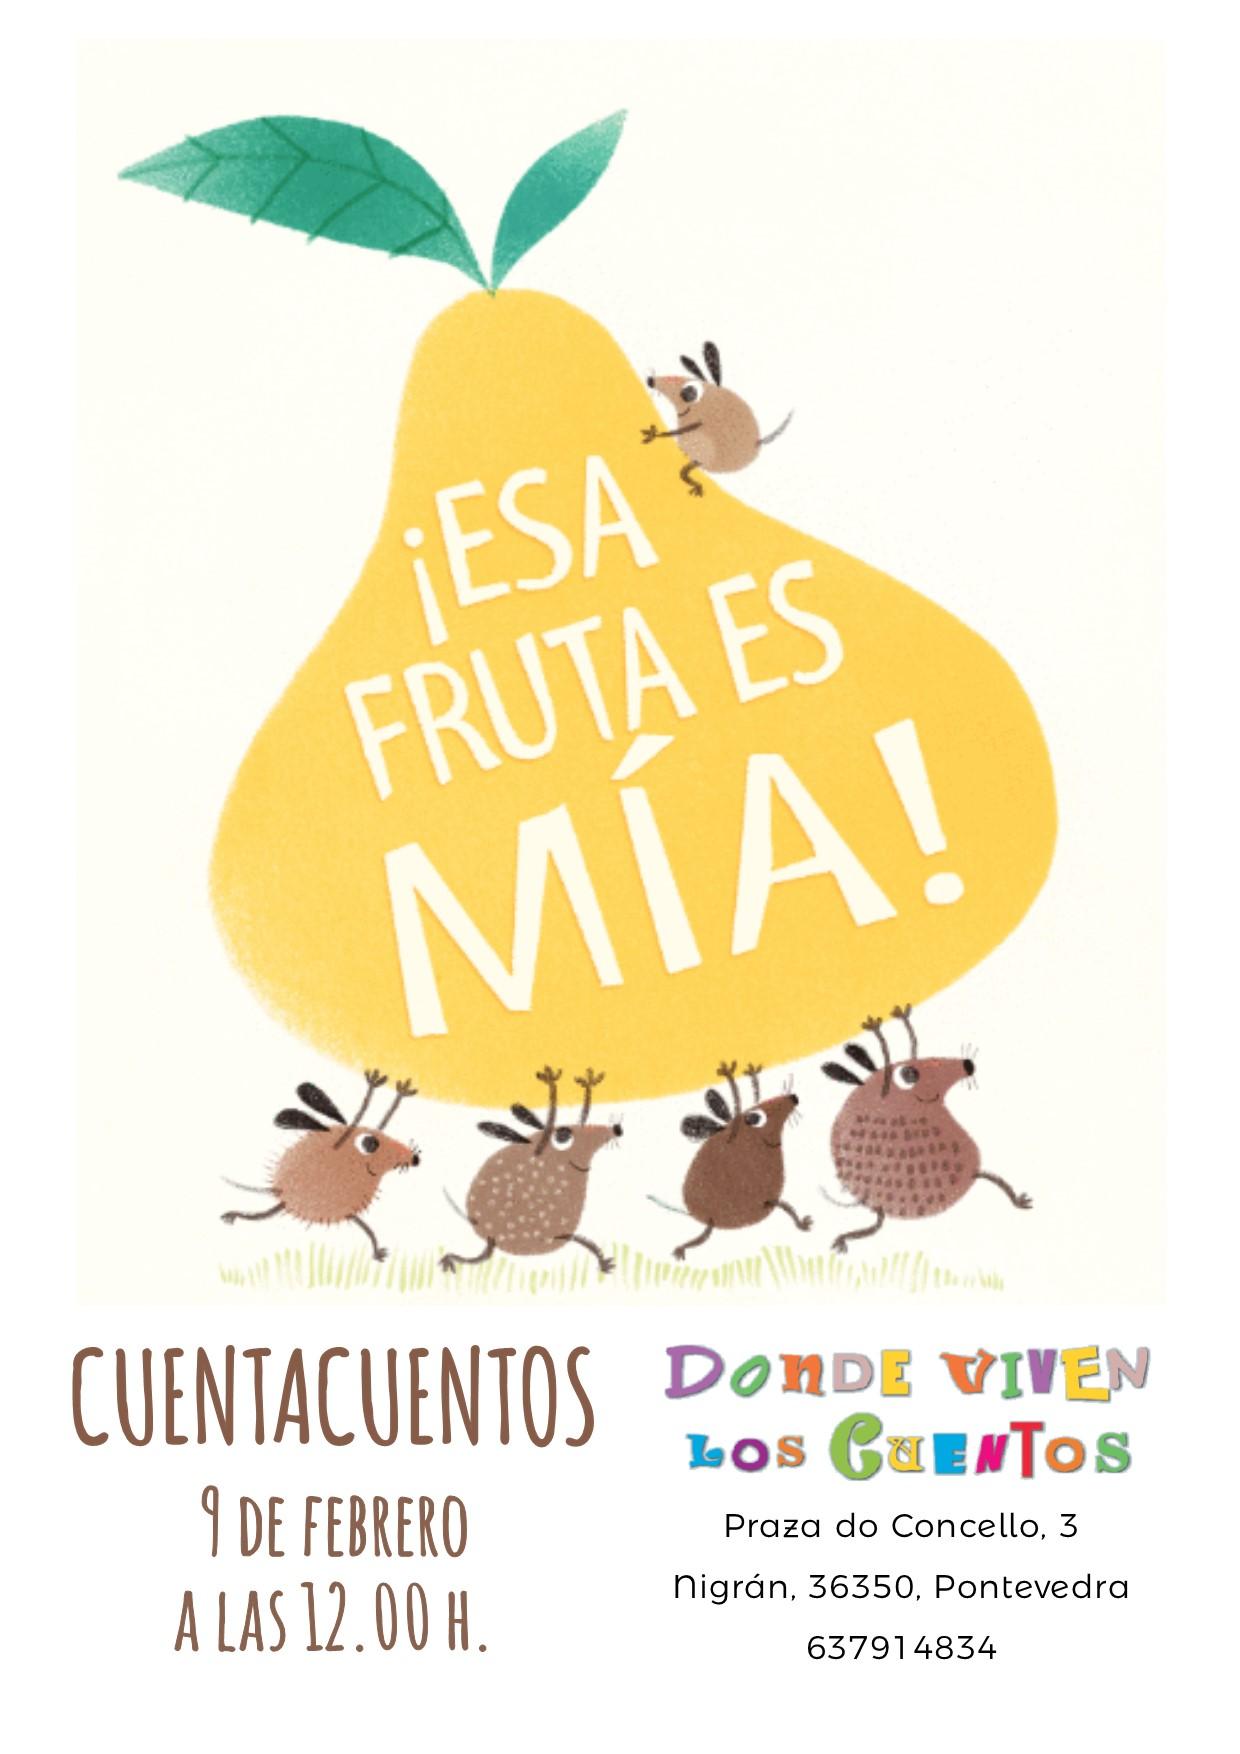 cuentacuentos esta fruta es mia nigran